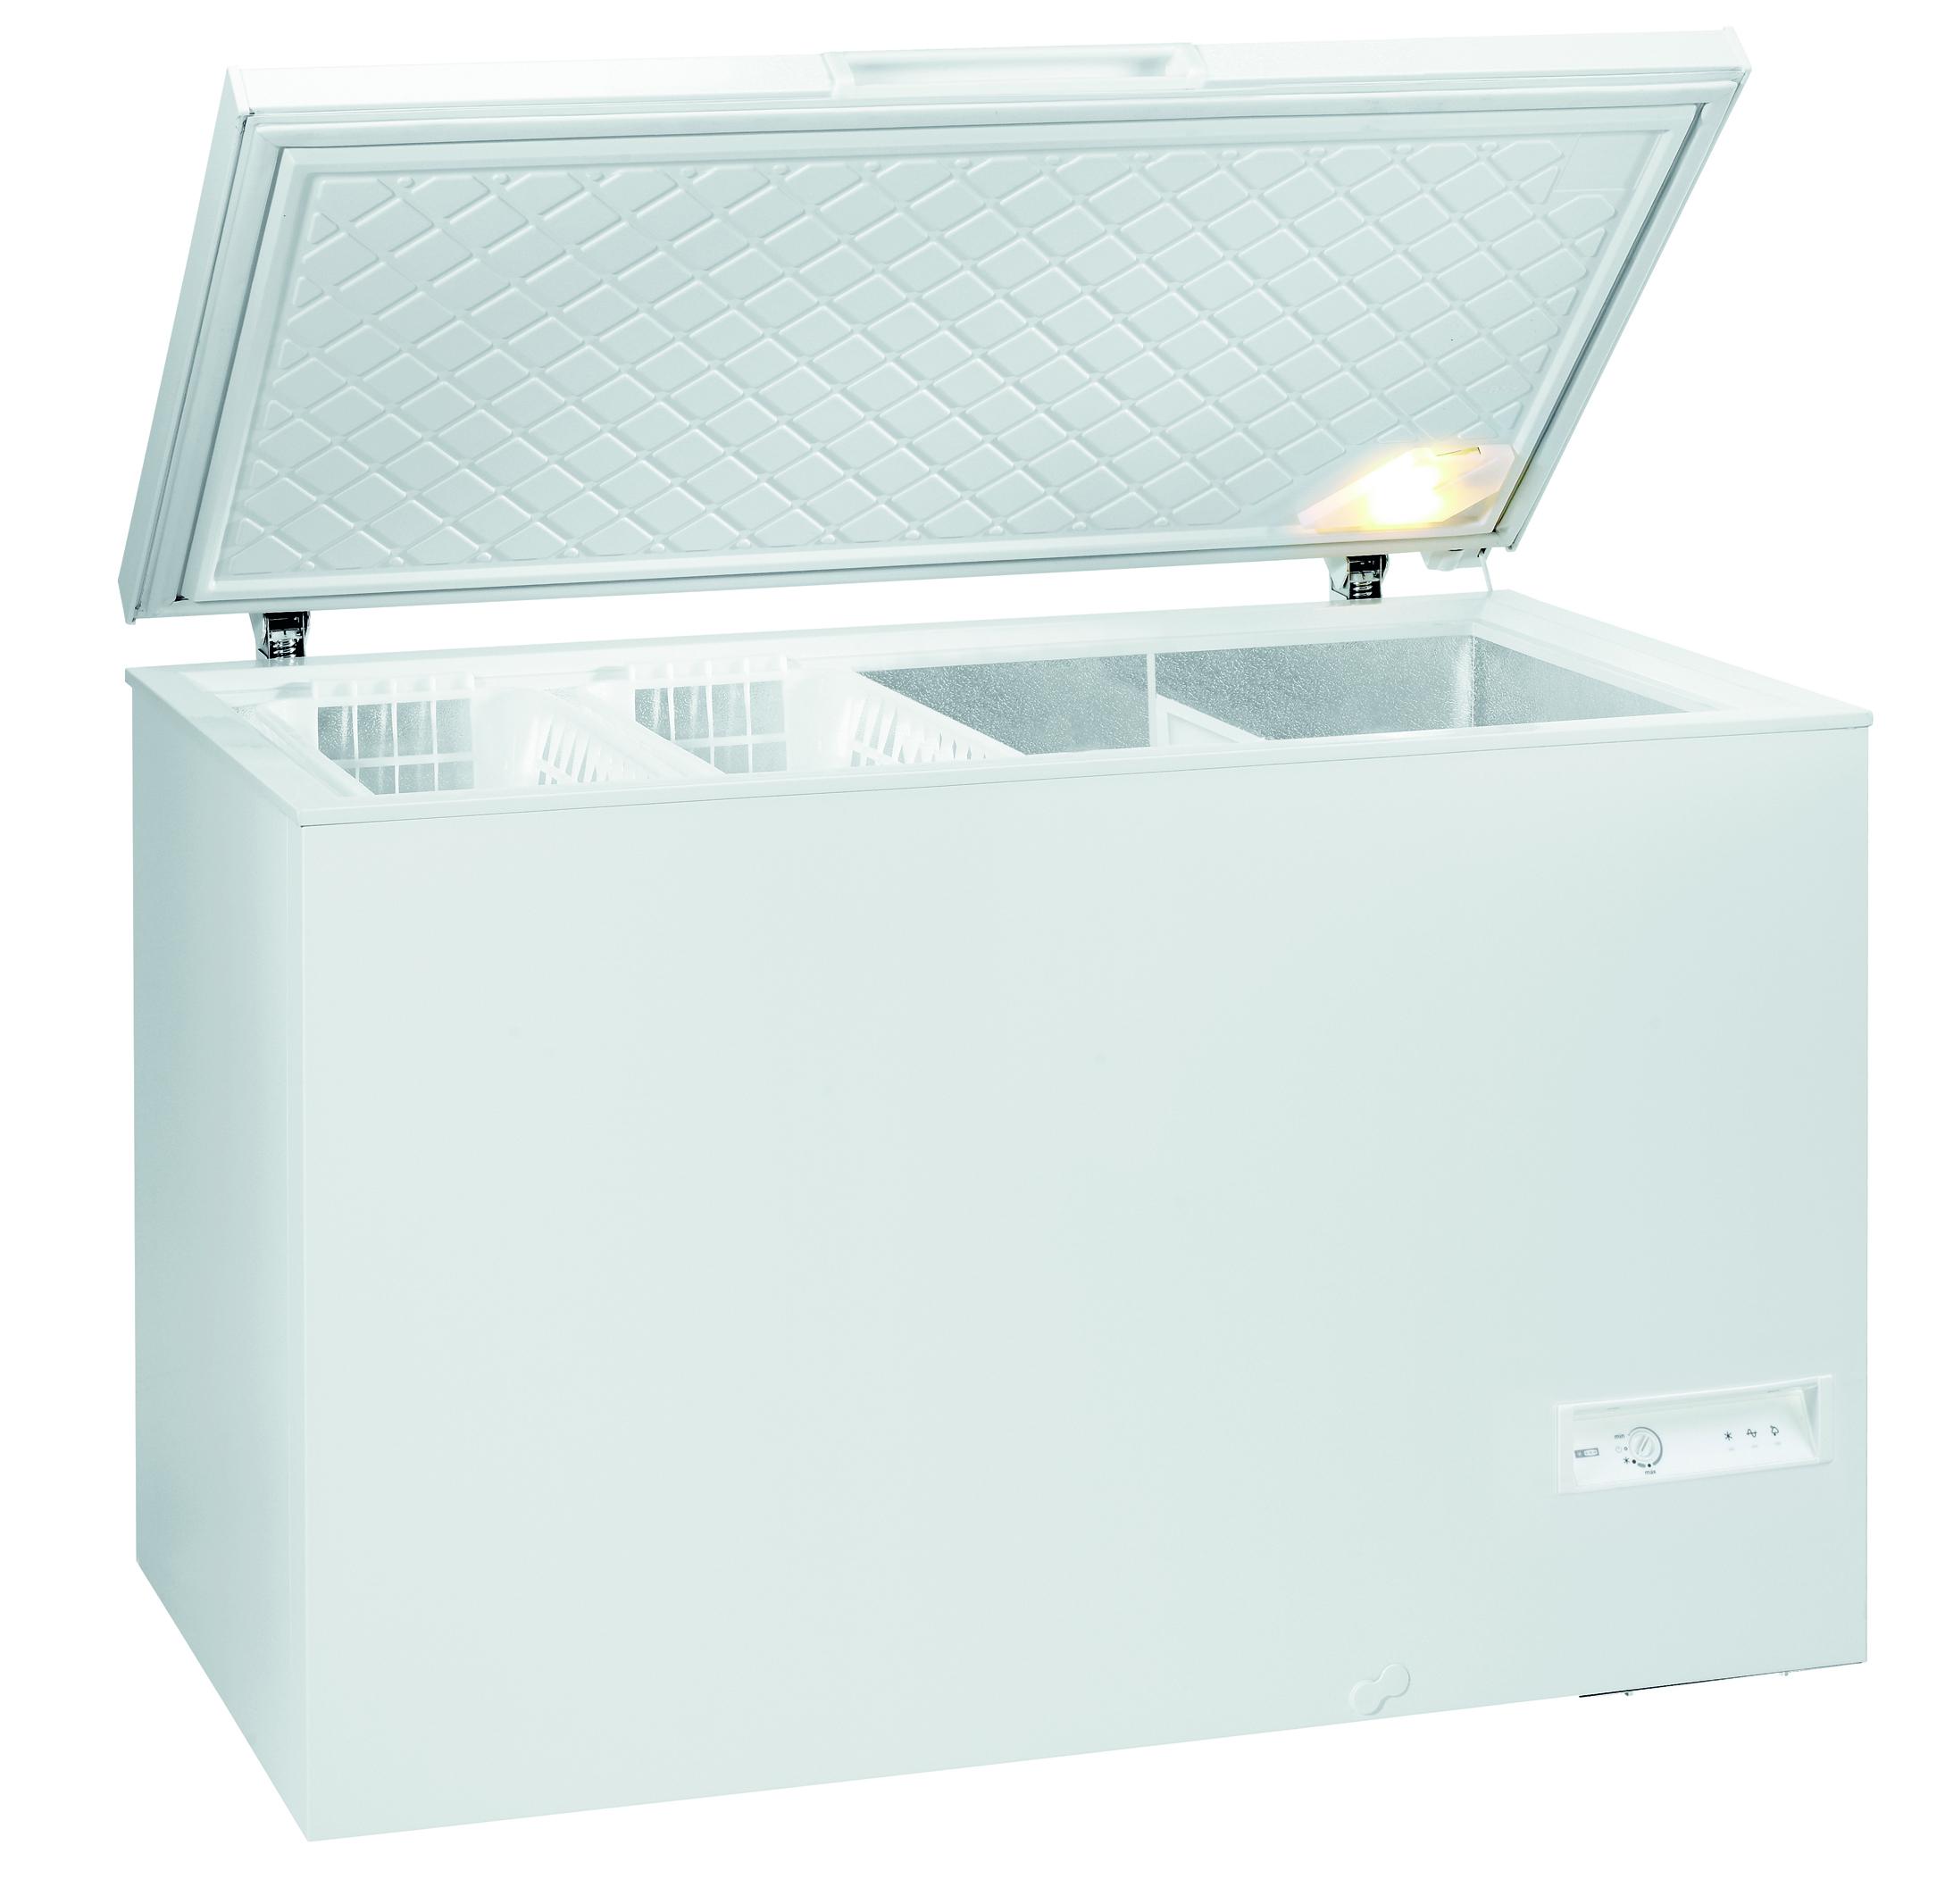 Lada frigorifica Gorenje FH 401 W, 380 l, Clasa A+, Alb